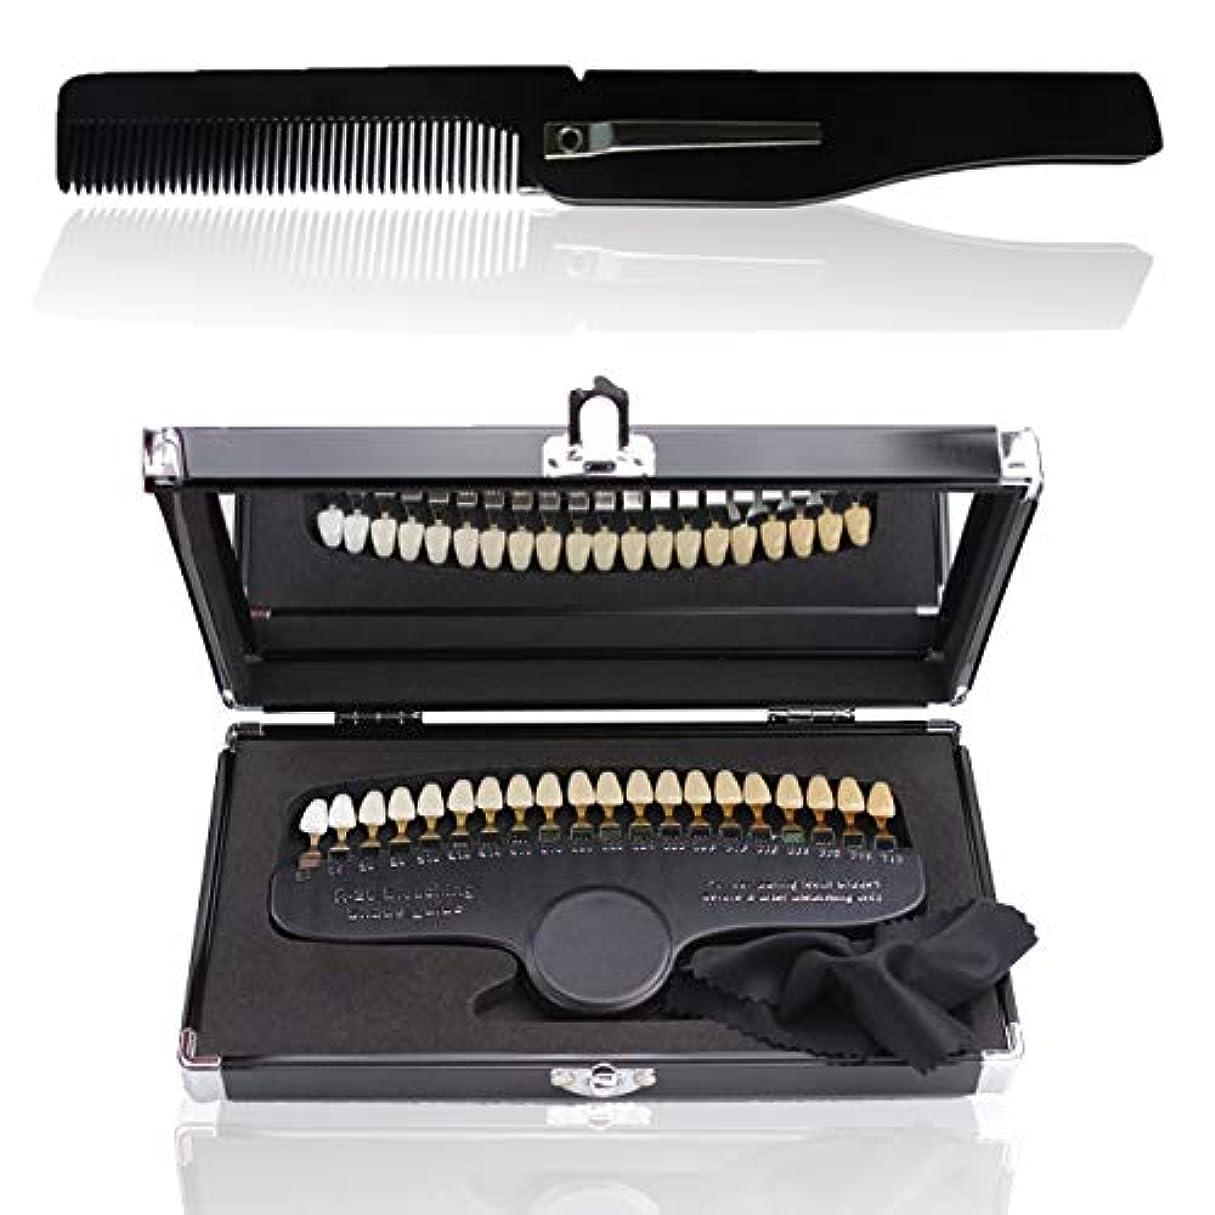 不快グリップ休みフェリモア 歯 シェードガイド 色見本 歯列模型 段階的 櫛付き 鏡付き 収納ケース付き 20段階 (20段階)